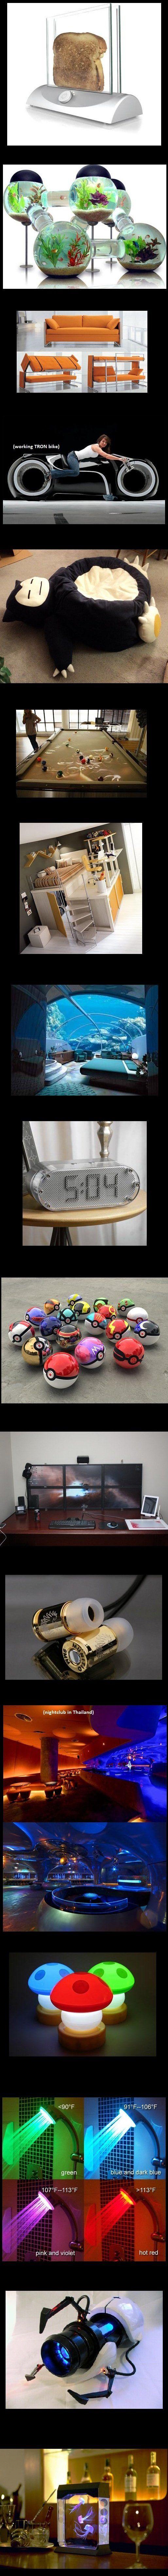 I want these soooooooo bad!!!!!!!!!!